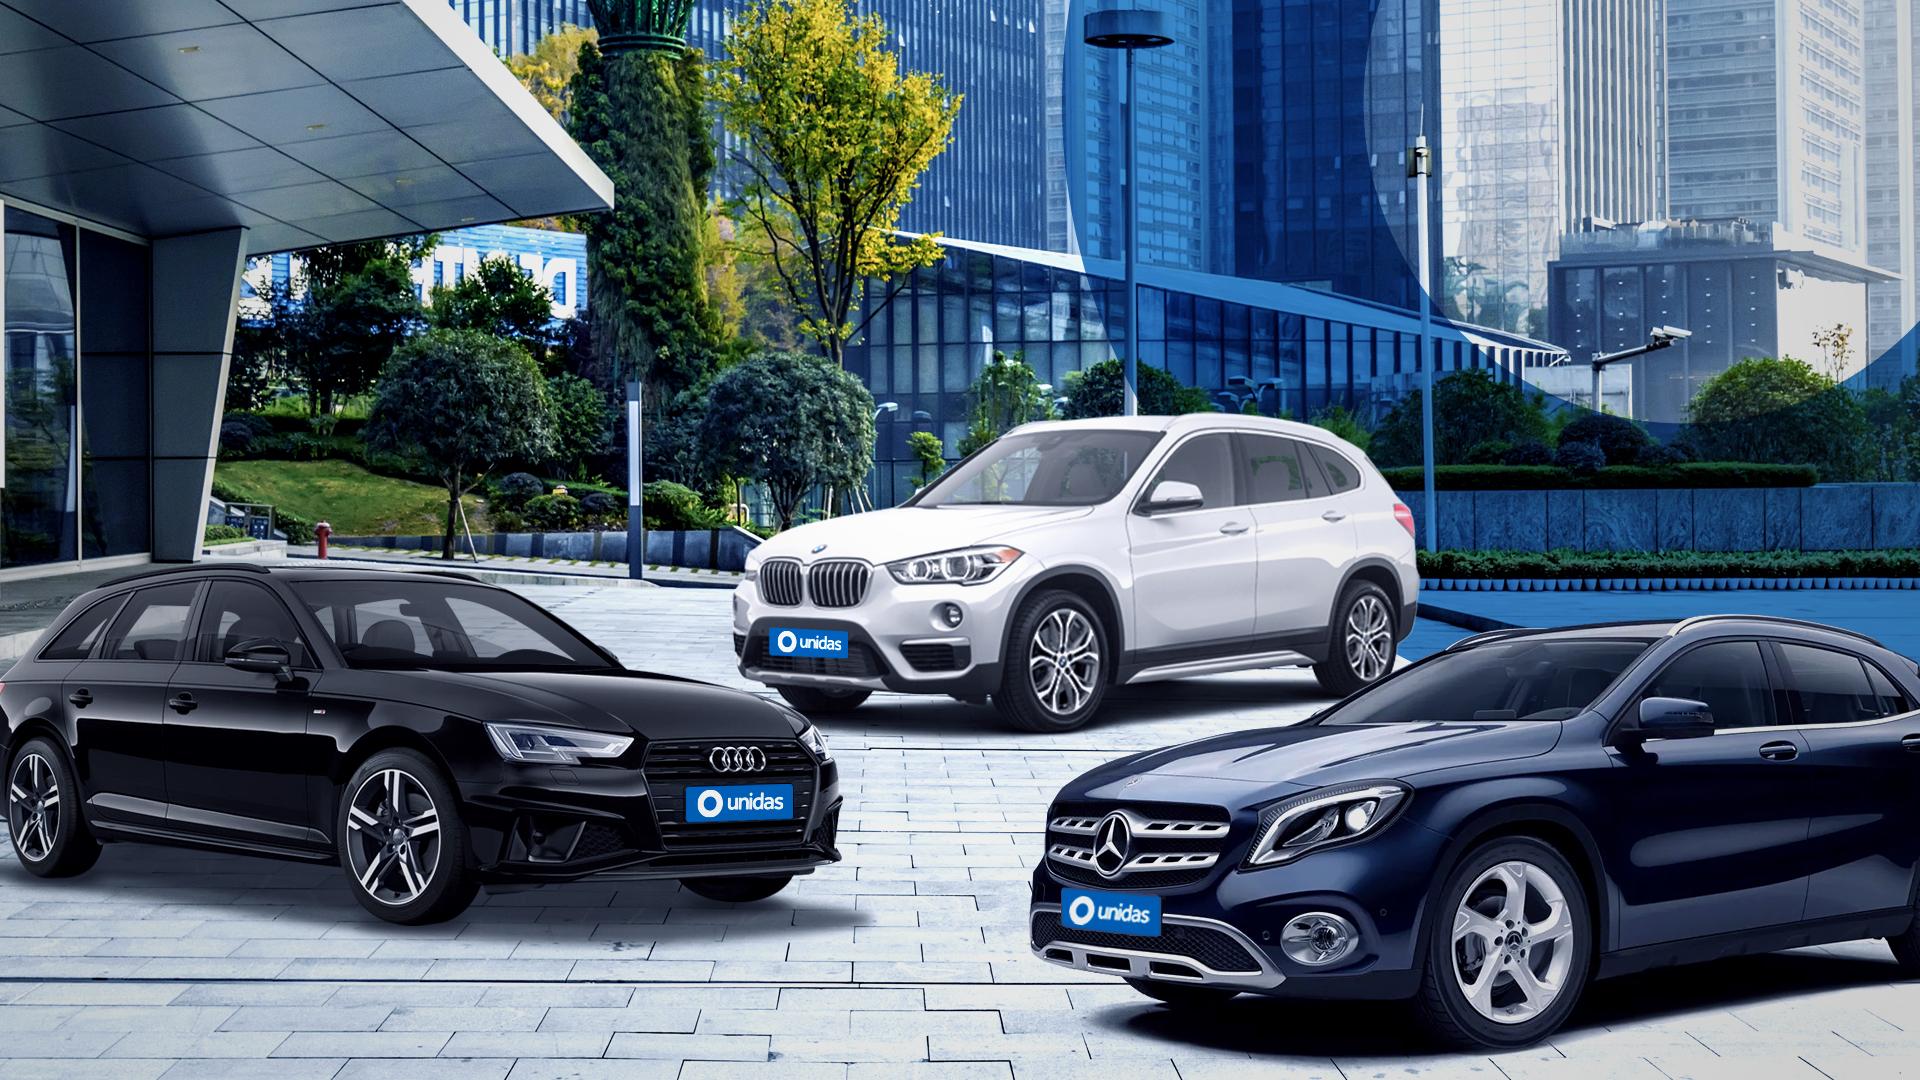 Unidas introduz o novo BMW X1 ao mercado de locação de carros no Brasil